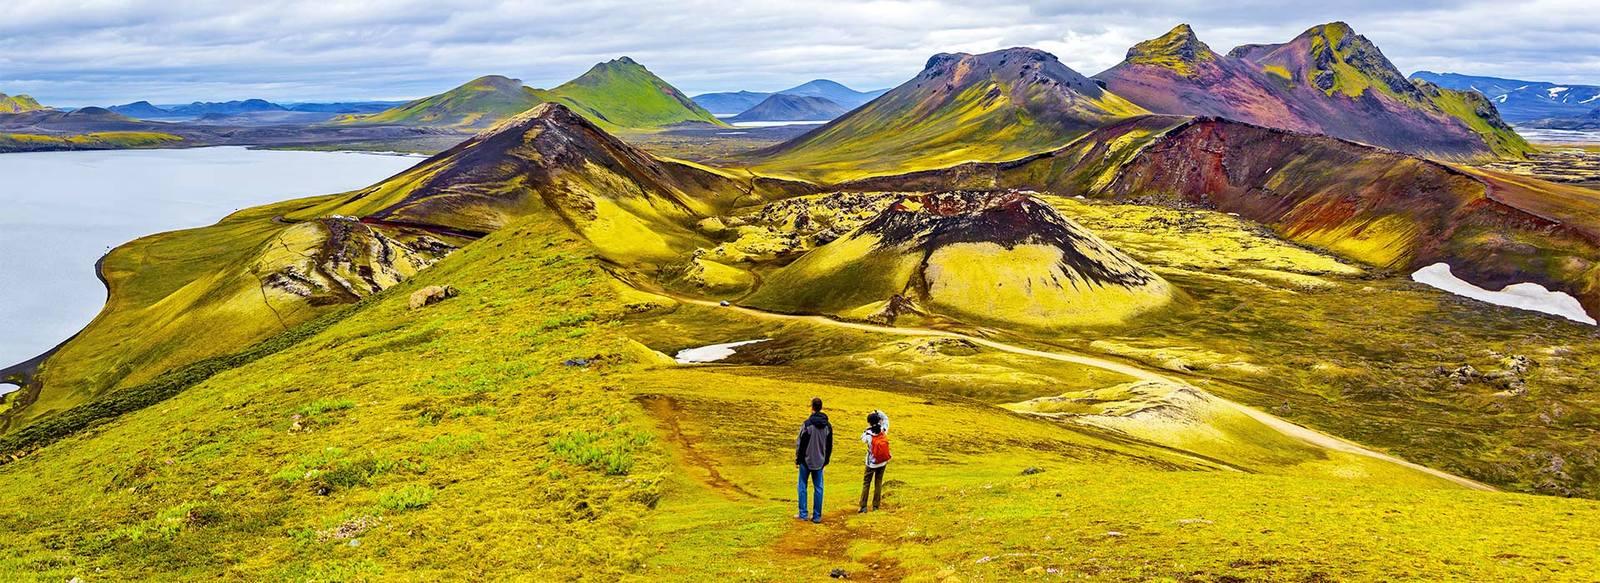 Alla scoperta della natura islandese